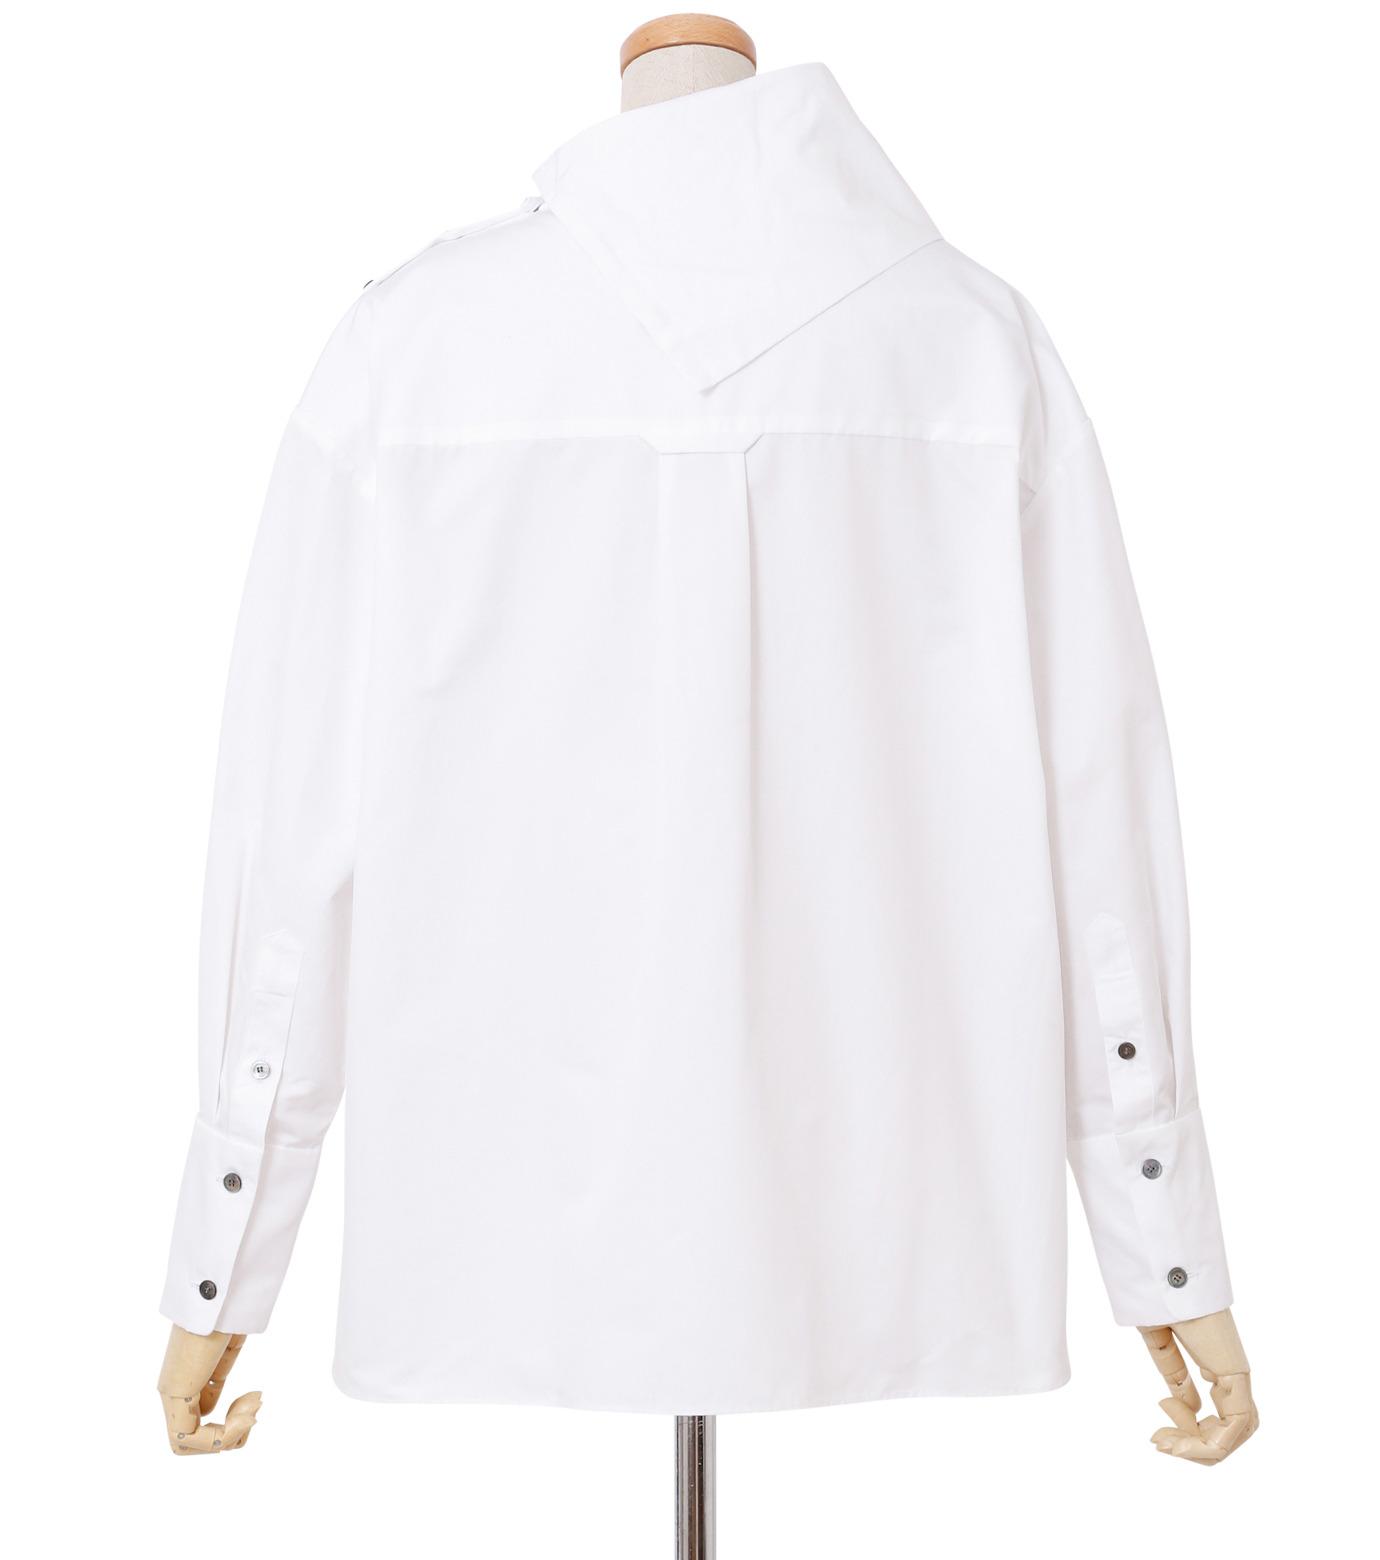 IRENE(アイレネ)のサイドウェイカラーシャツ-WHITE(シャツ/shirt)-18A83003 拡大詳細画像3